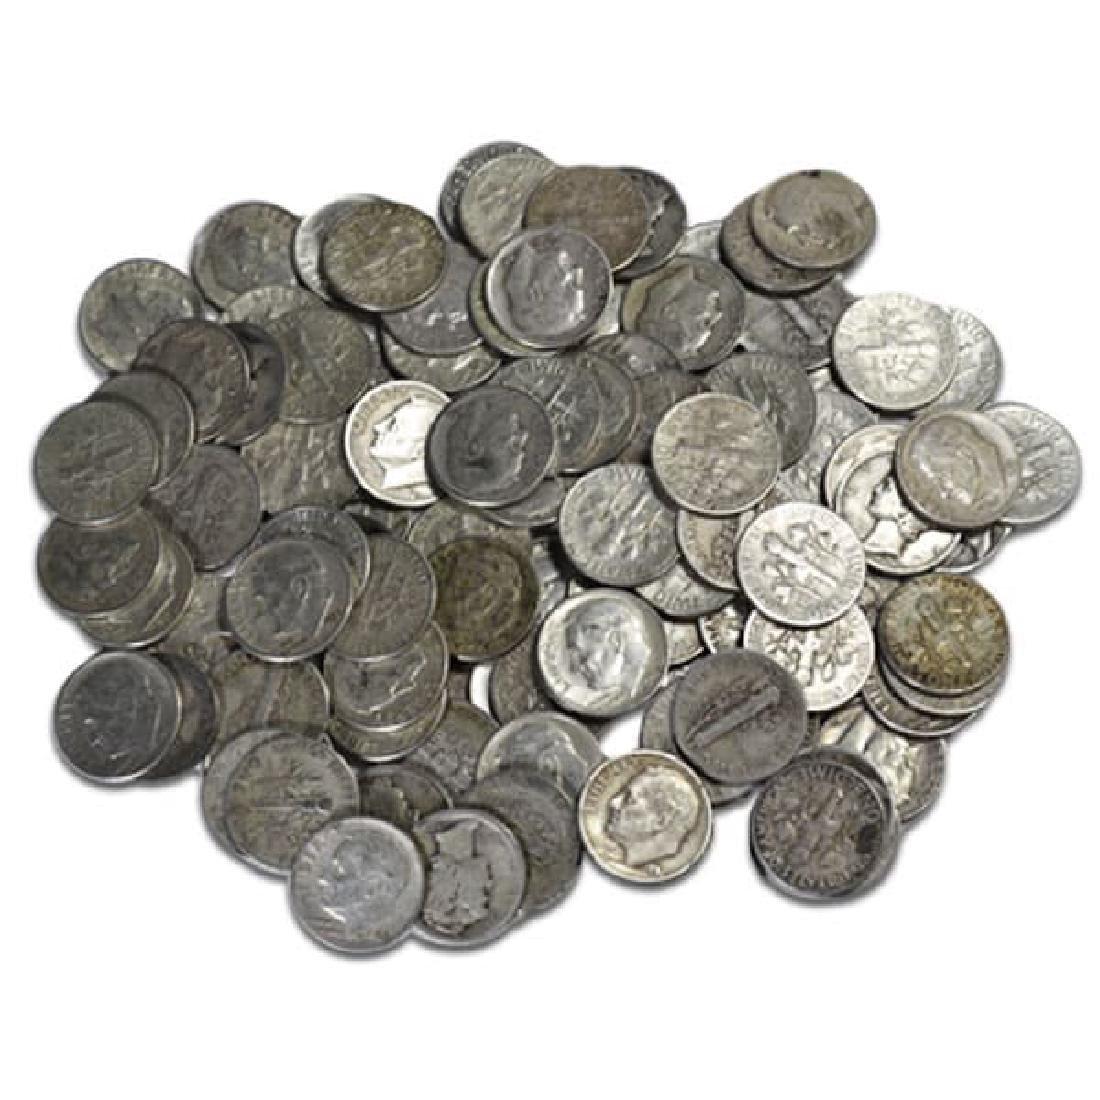 $5 Face Value Roosevelt Dimes- 50 pcs-90% Silver